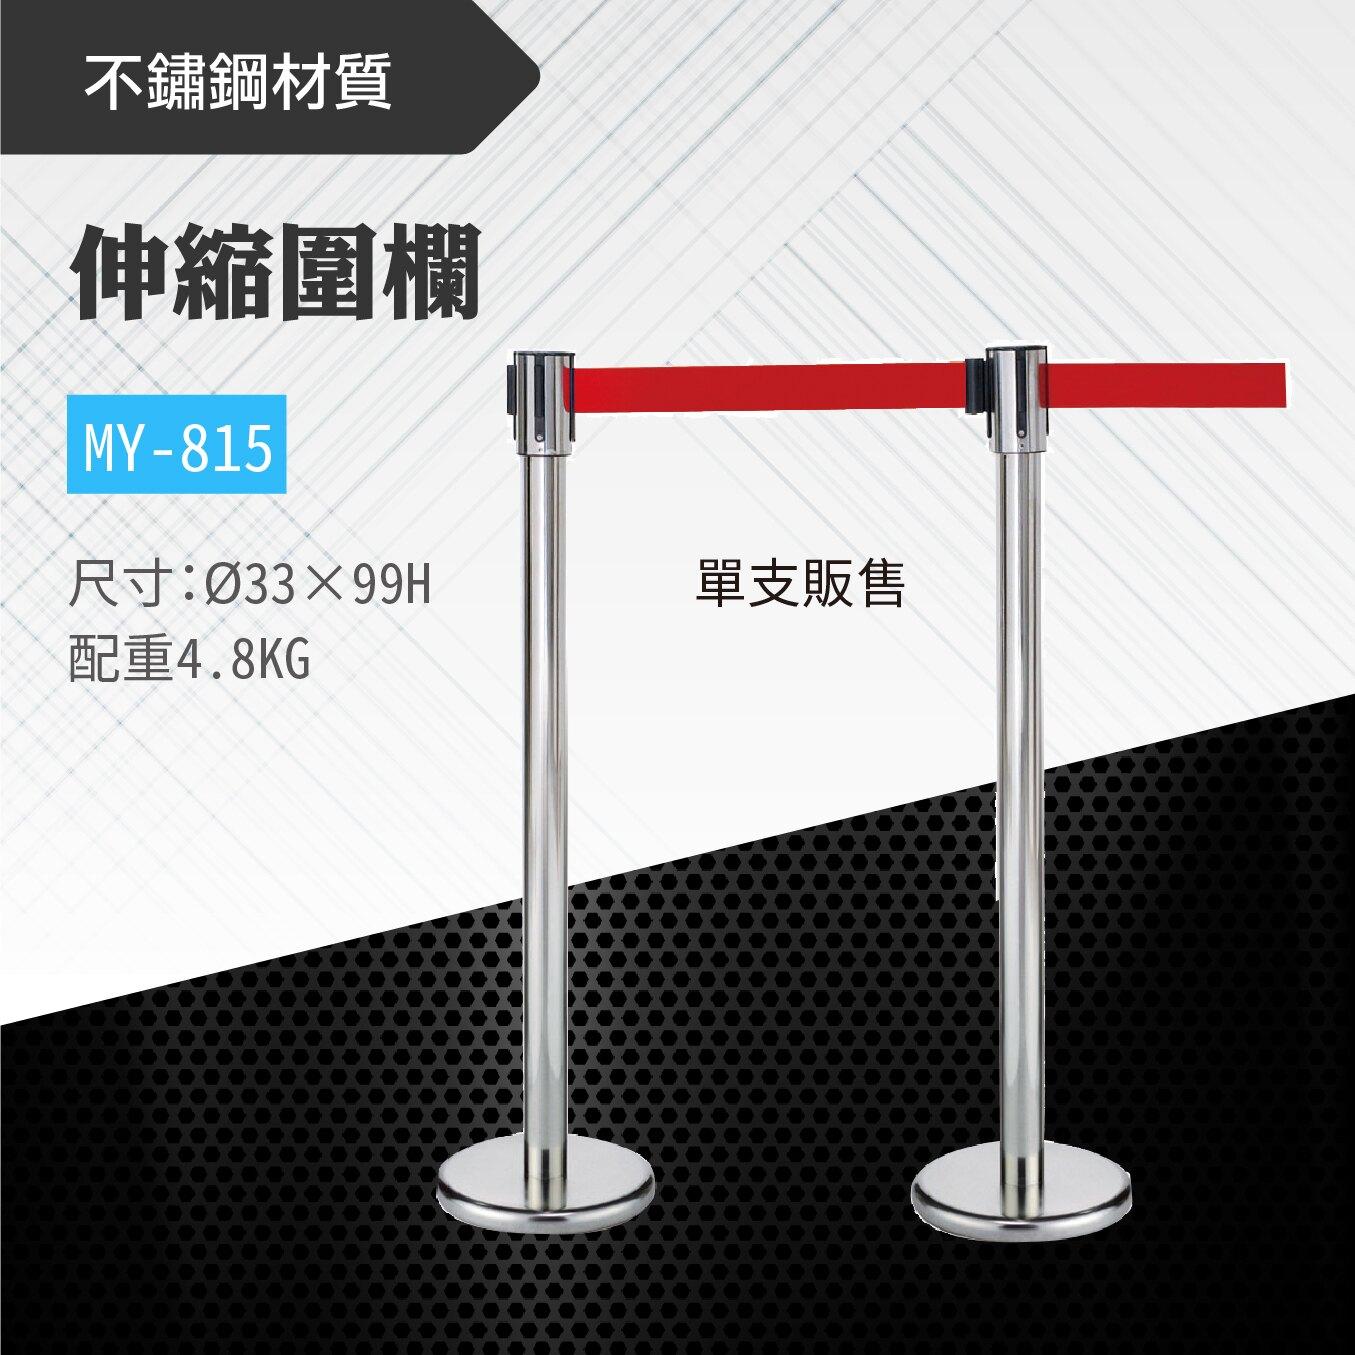 台灣製 伸縮圍欄 MY-815-4.8KG 不銹鋼圍欄 欄杆 開店 紅龍柱 排隊 動線規劃 展覽 分流 車站 捷運